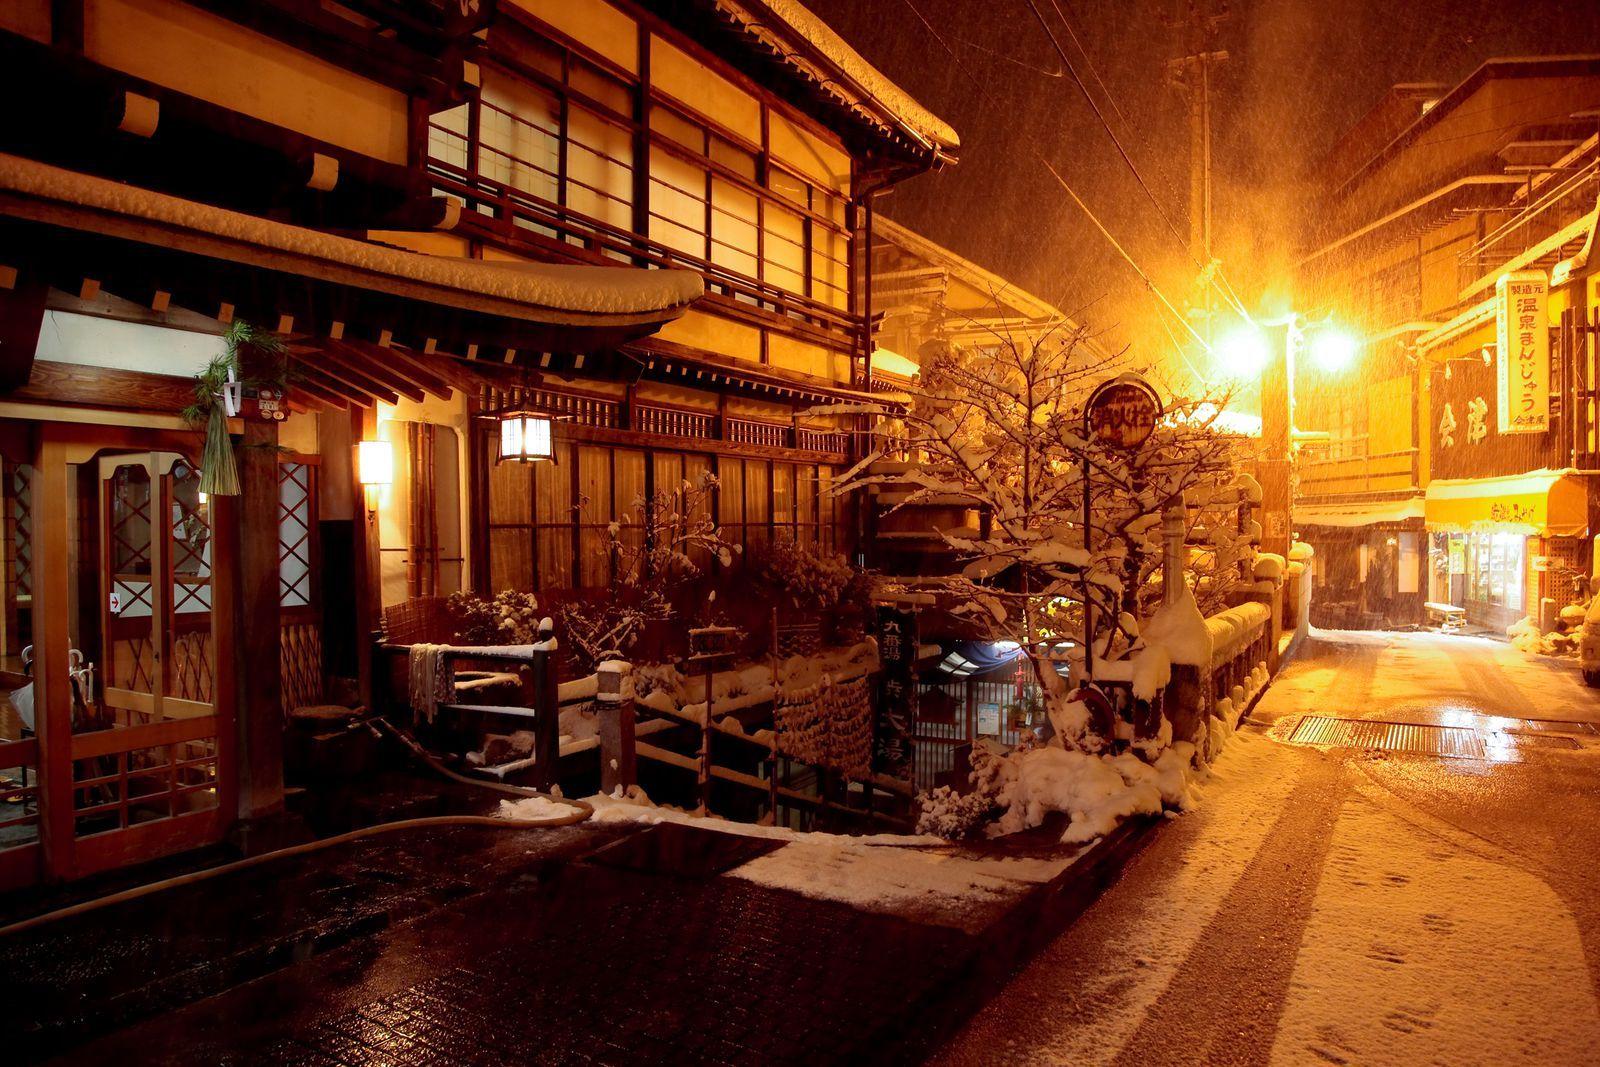 今1番行きたい温泉街 歴史漂う 渋温泉 の楽しみ方を5つご紹介 Retrip リトリップ 温泉 日本旅行 歴史